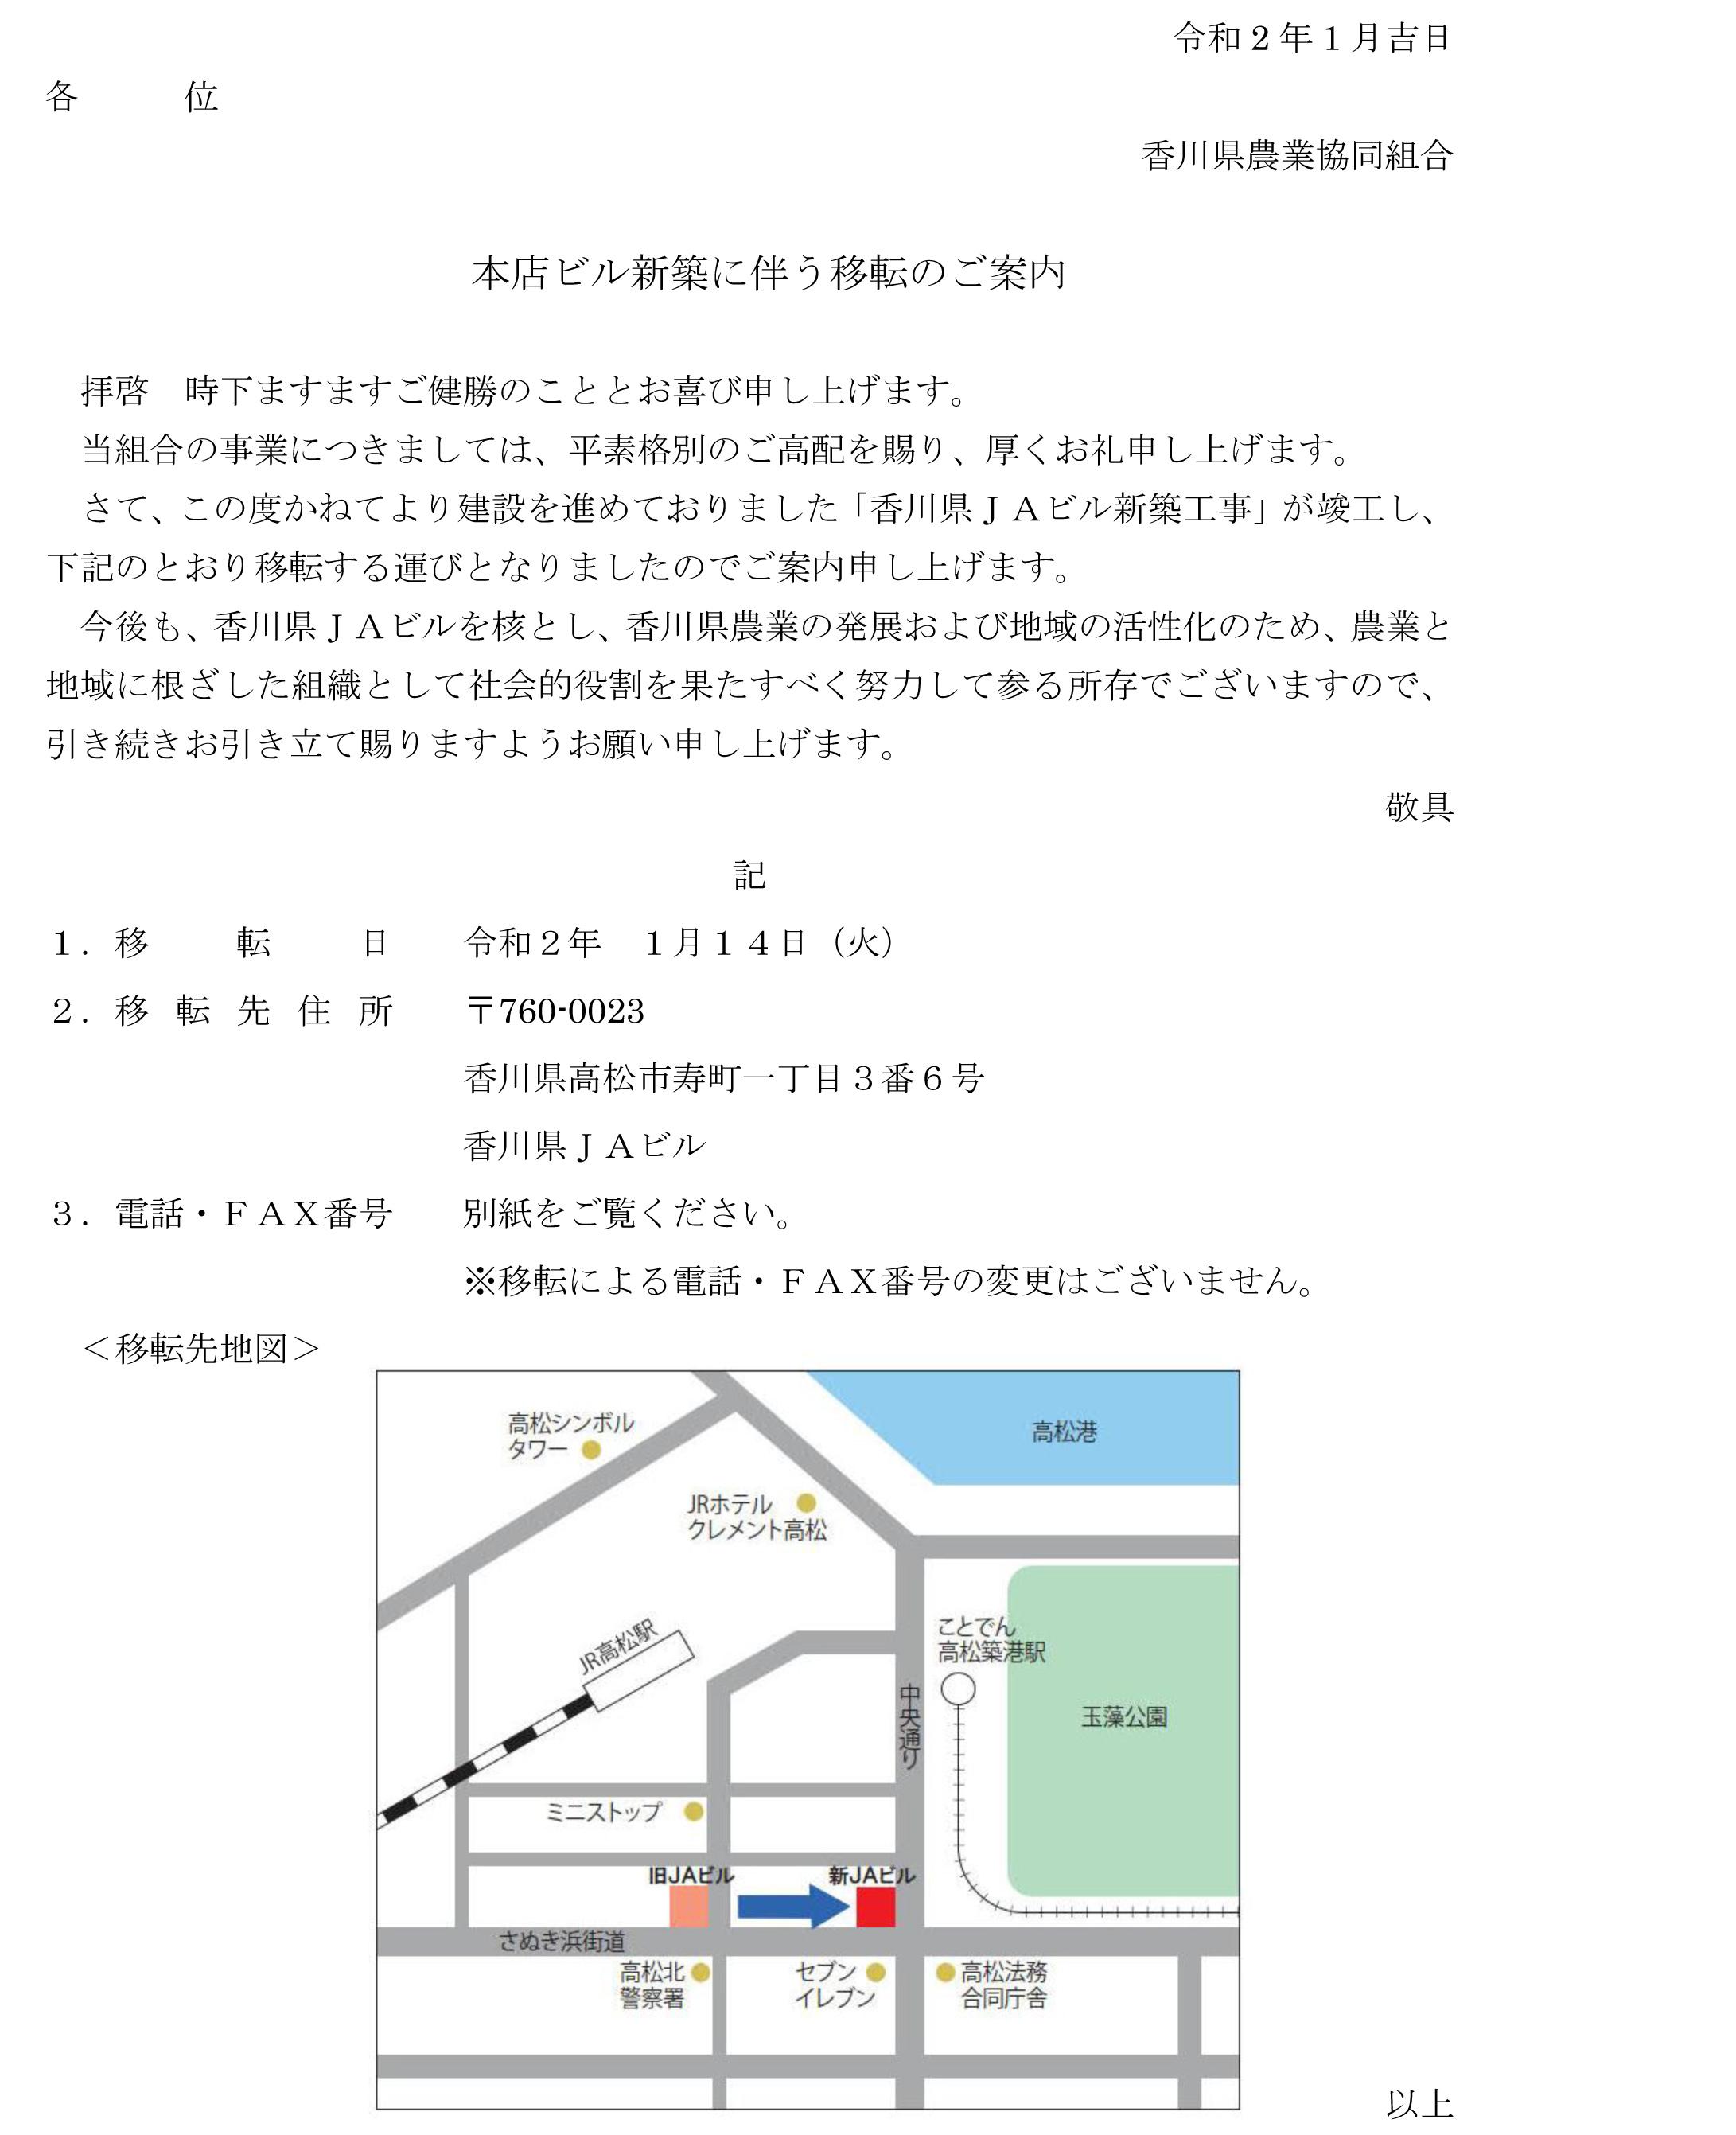 ☆☆移転通知文map作成地図-1